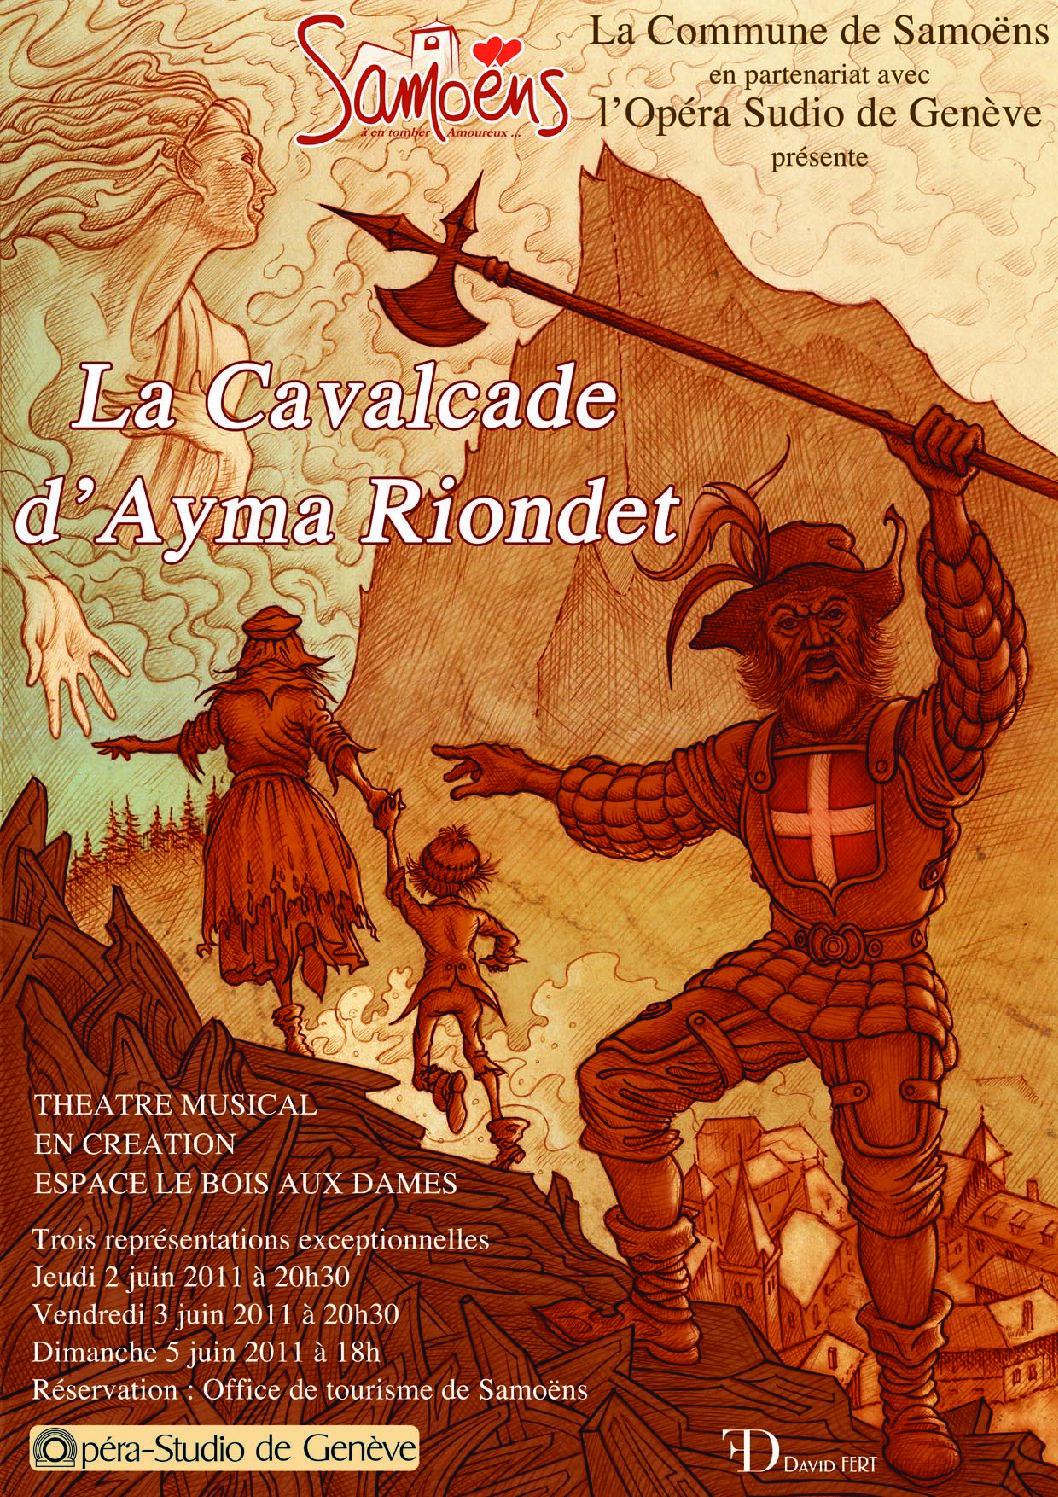 La Cavalcade d'Ayma Riondet